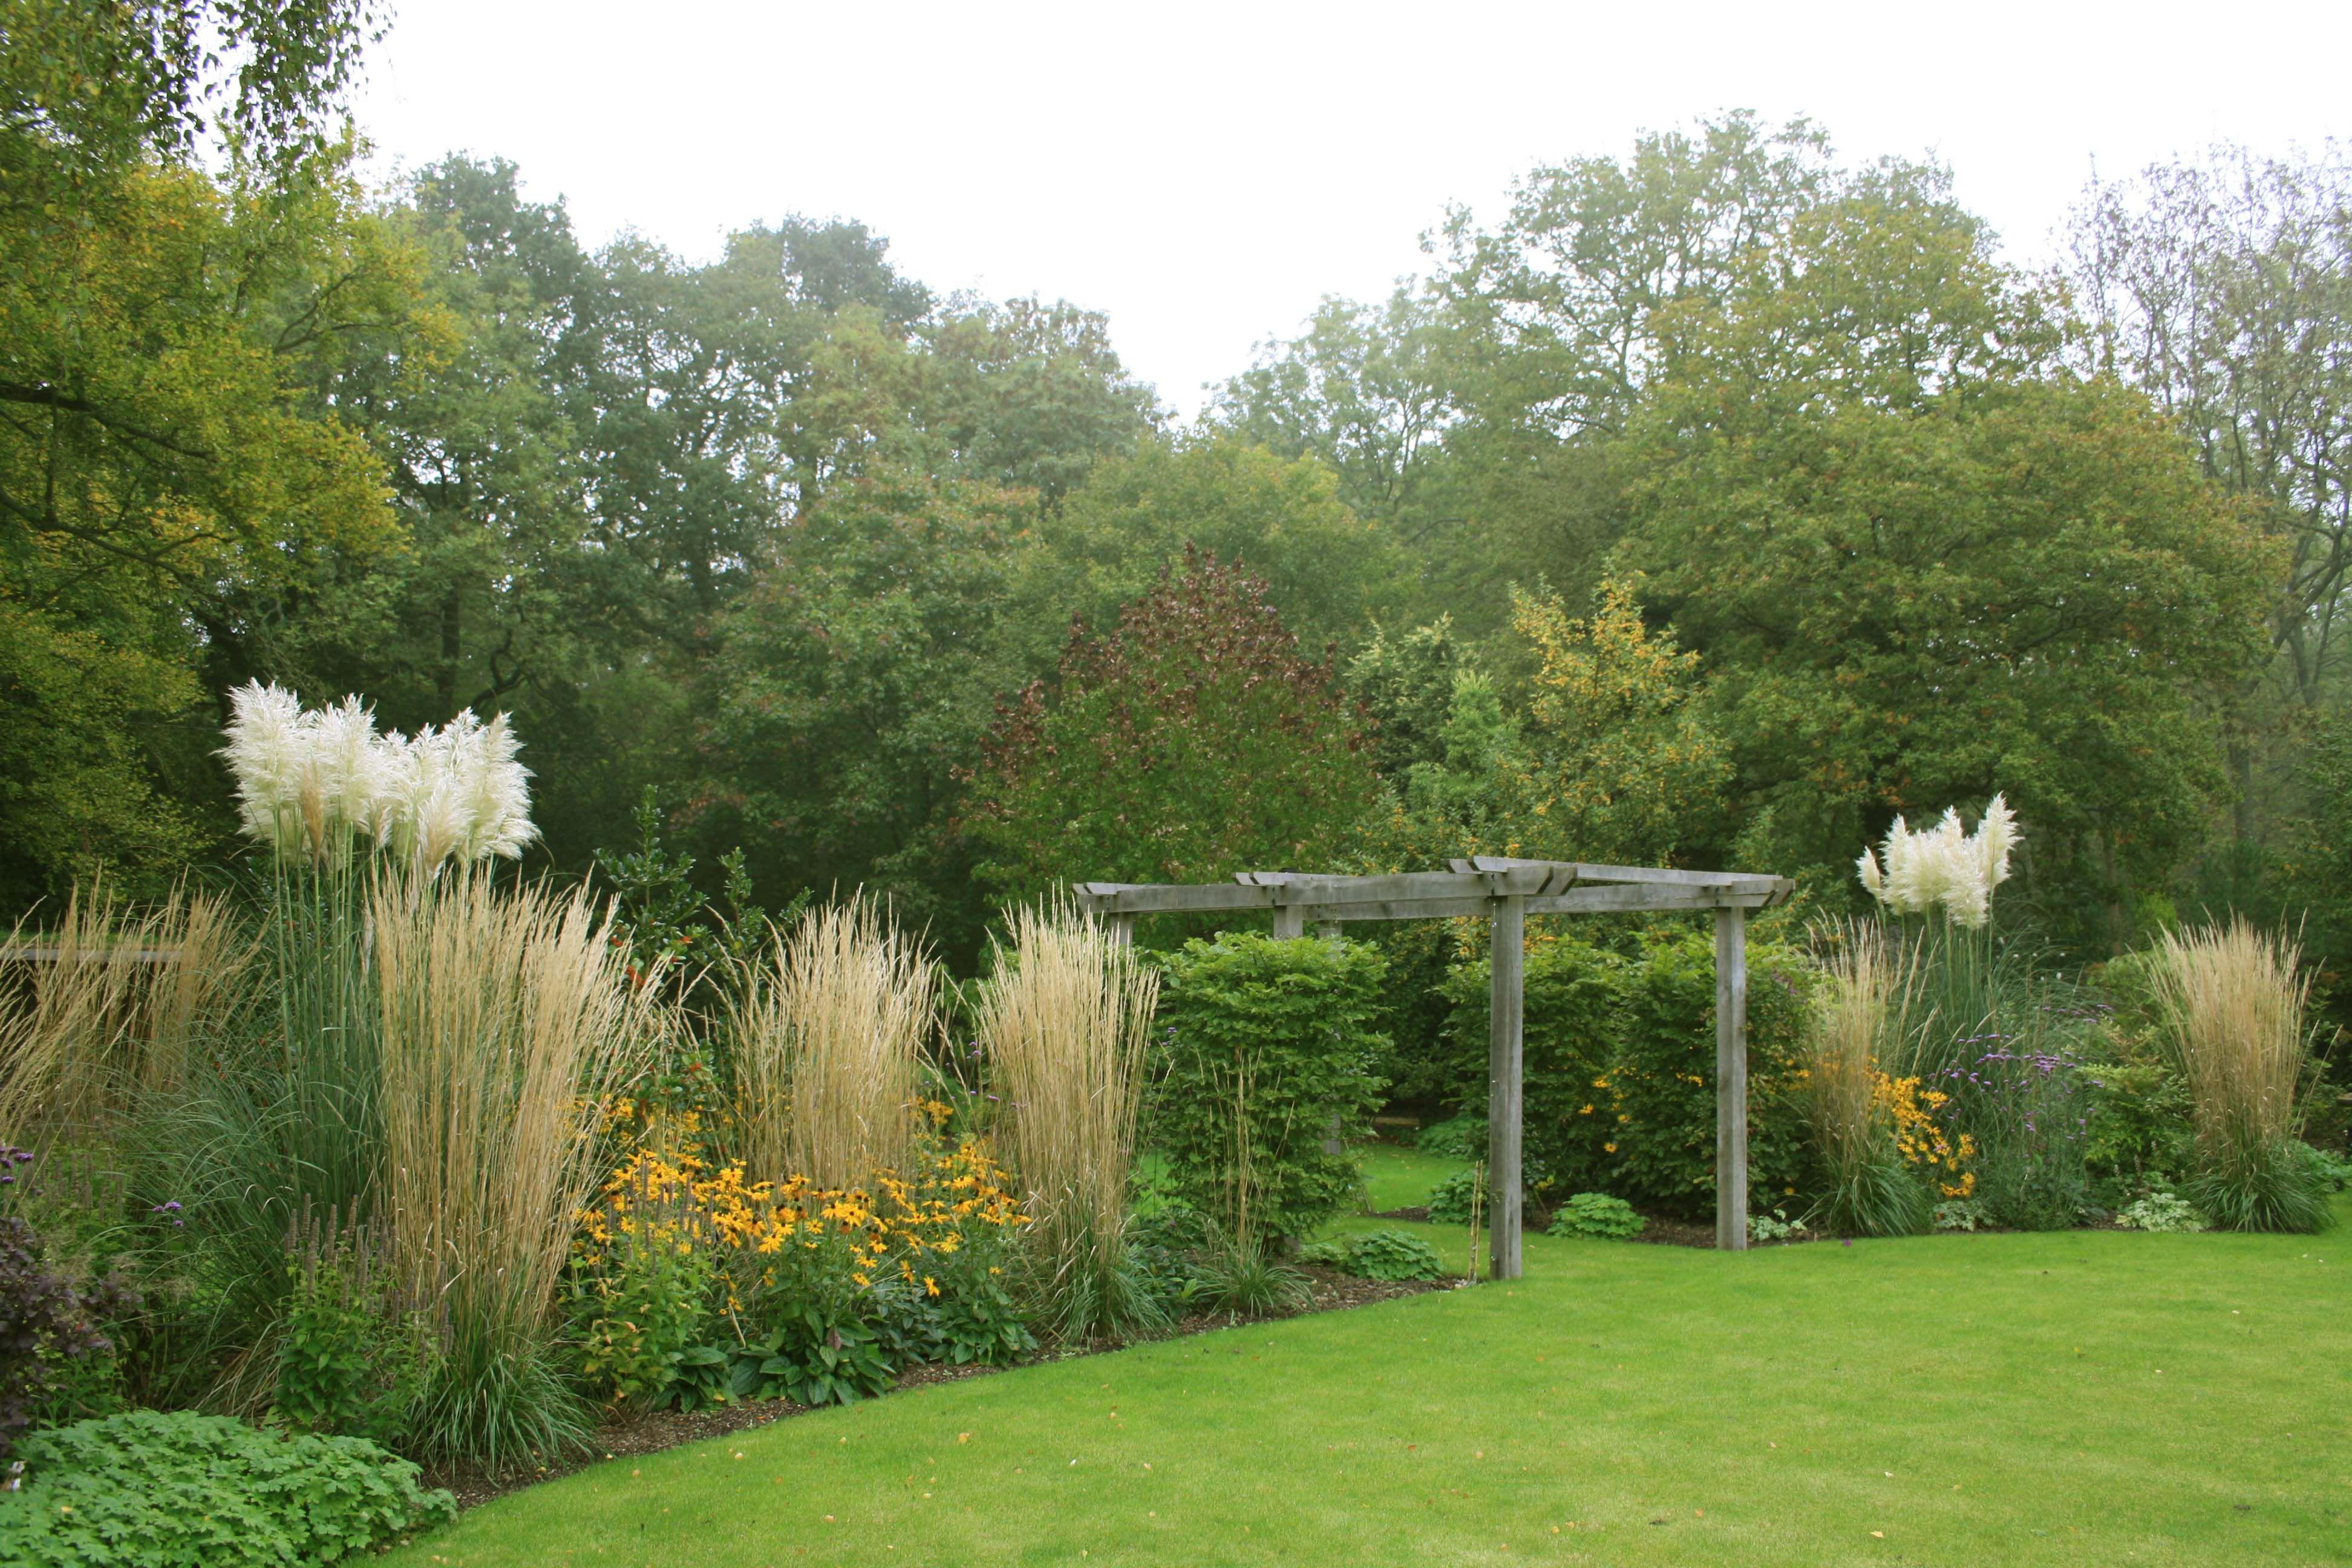 Pergola Into Another Garden Area Garden Design Garden Ideas Uk Garden Shrubs